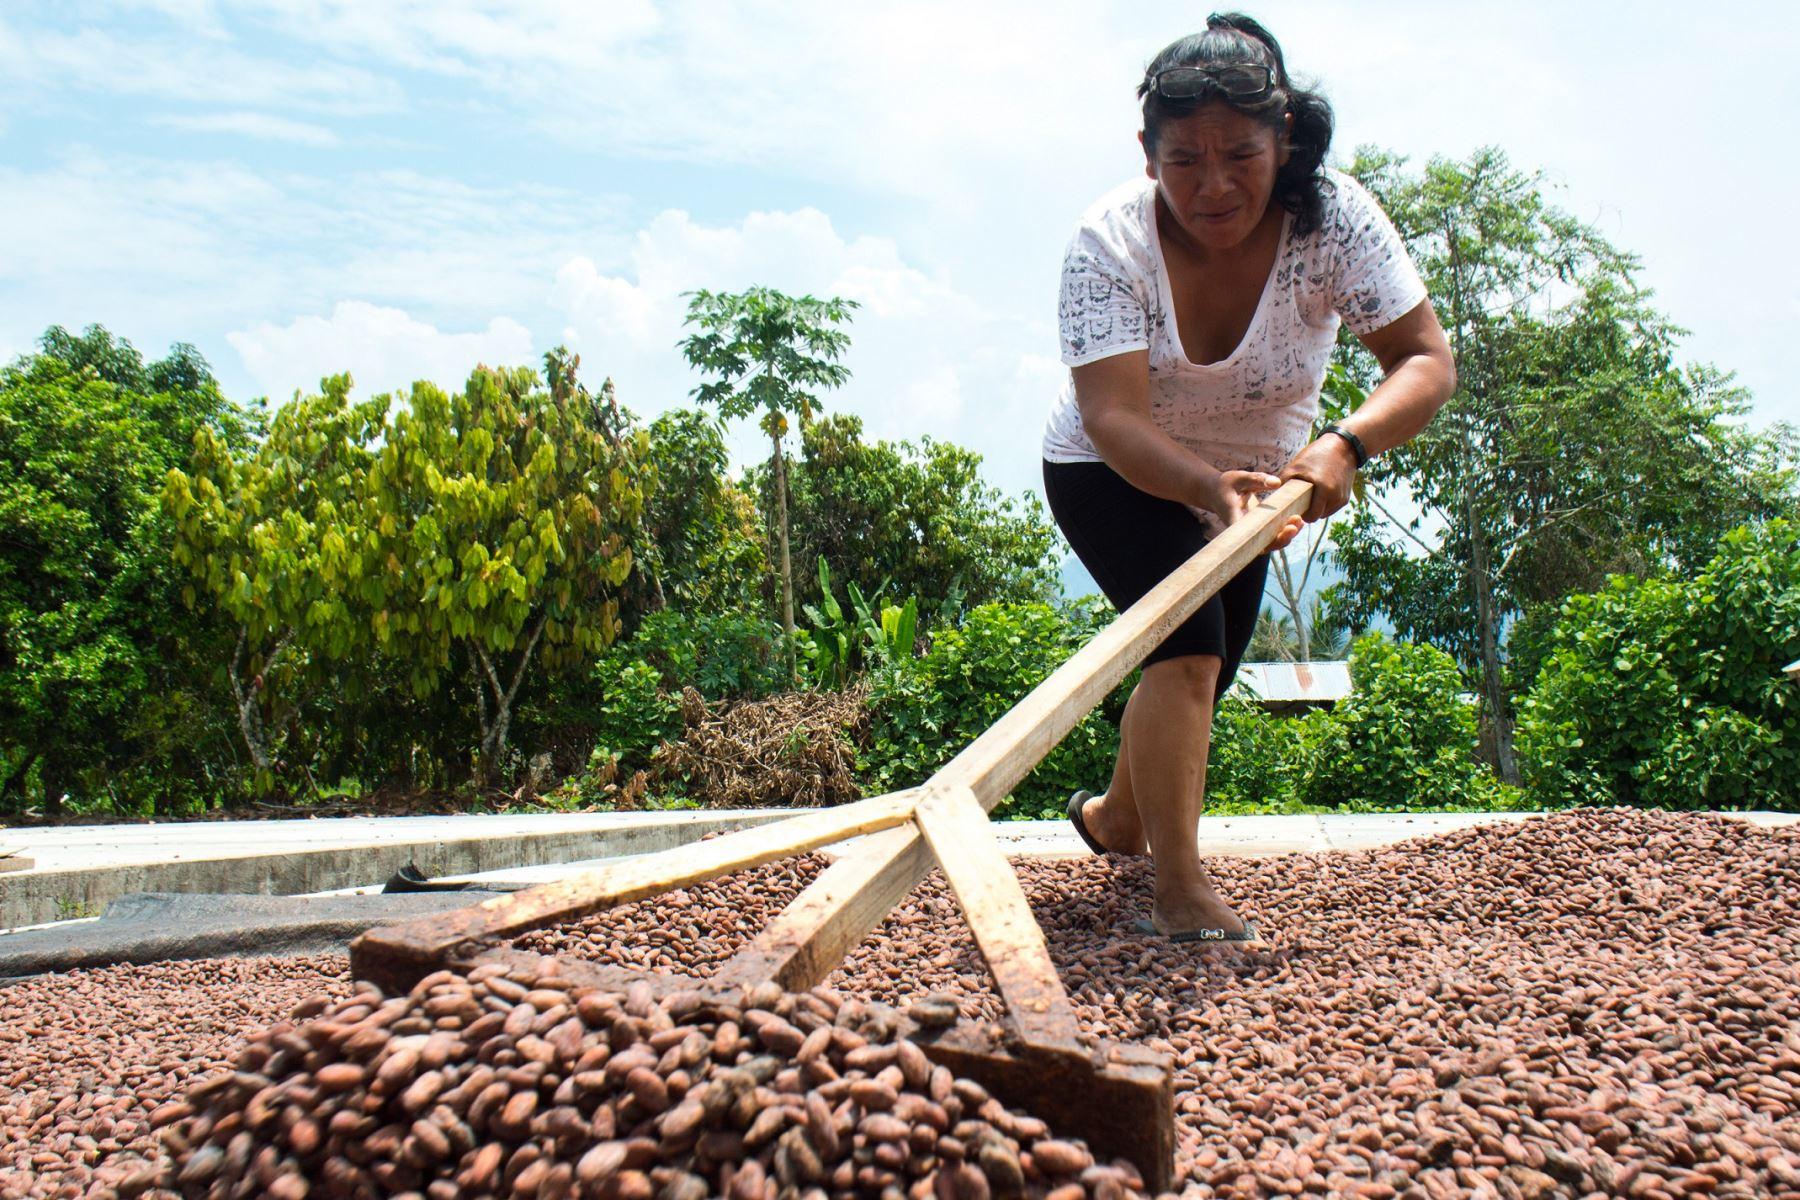 Más de 600 familias de agricultores recuperarán bosques amazónicos del Parque Nacional Cordillera Azul con agroforestería de café y cacao. ANDINA/Difusión